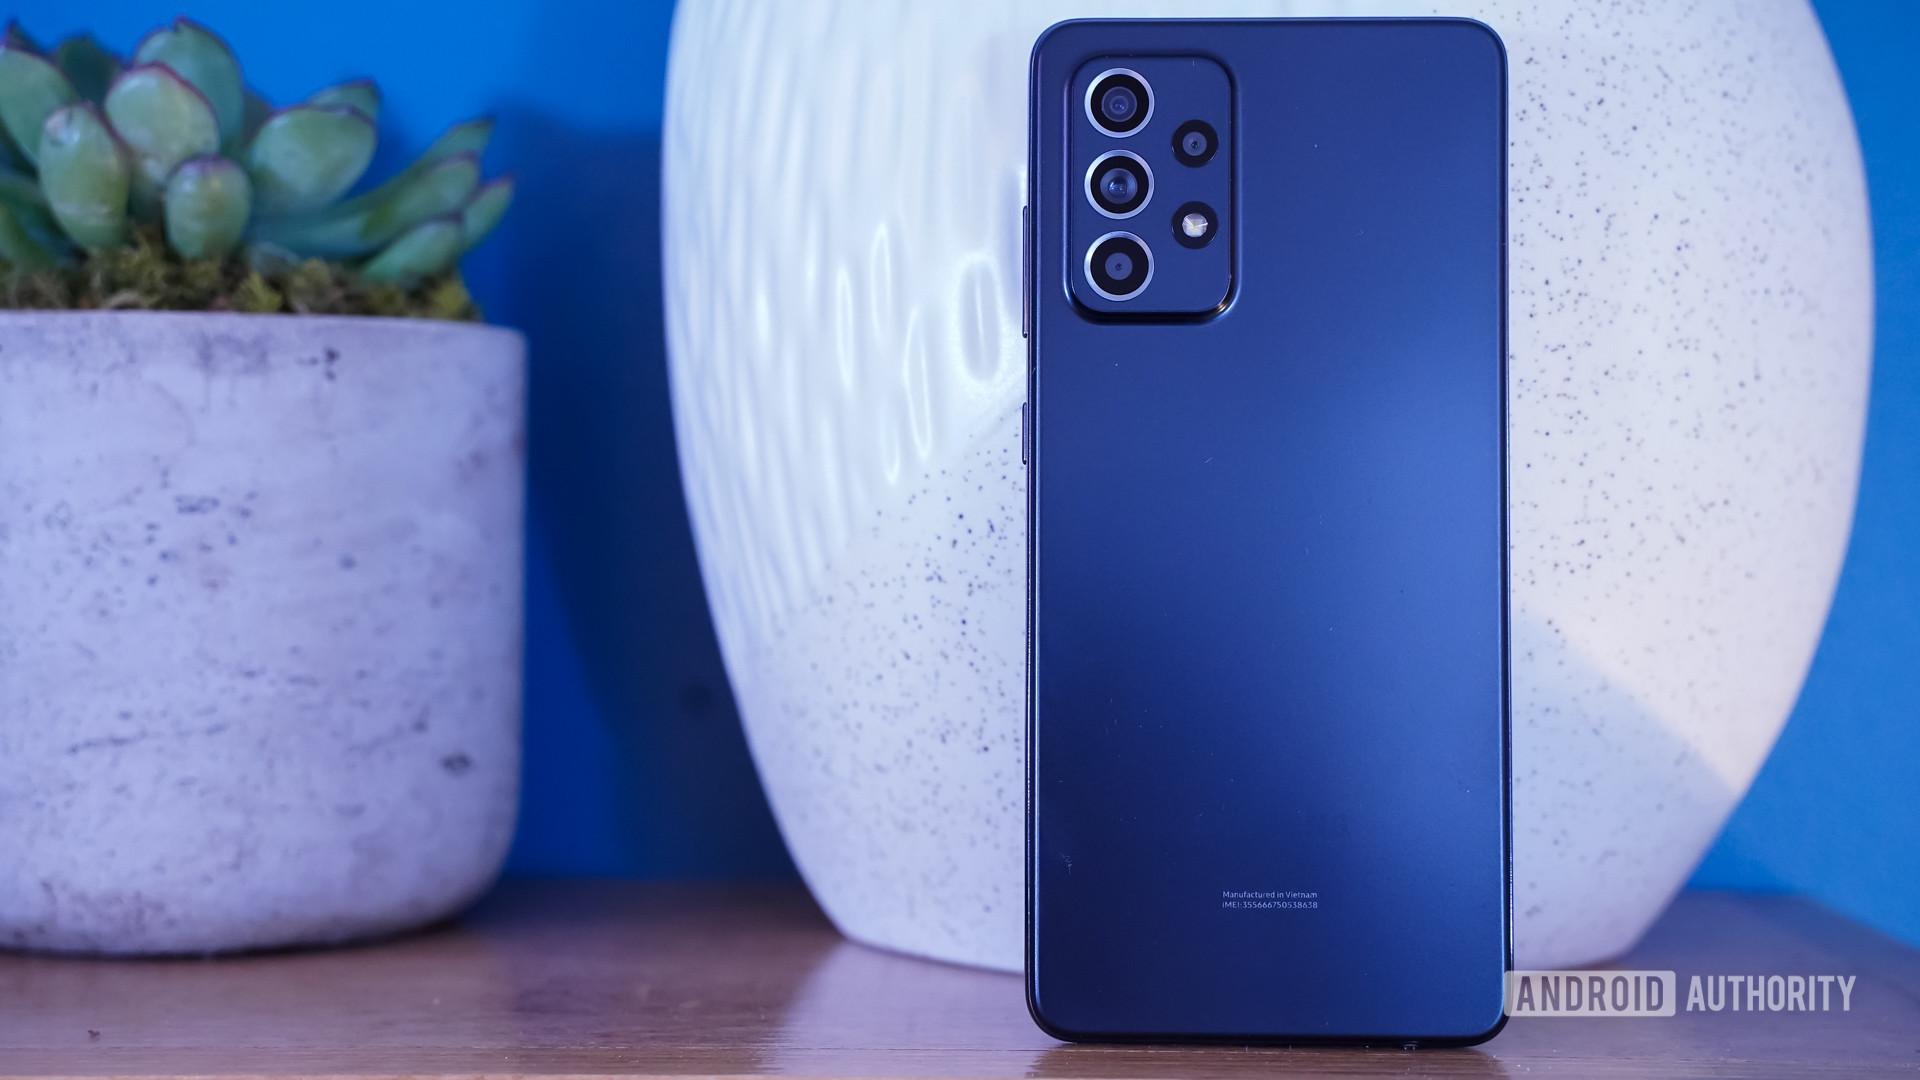 Samsung Galaxy A52 5G rear with plant